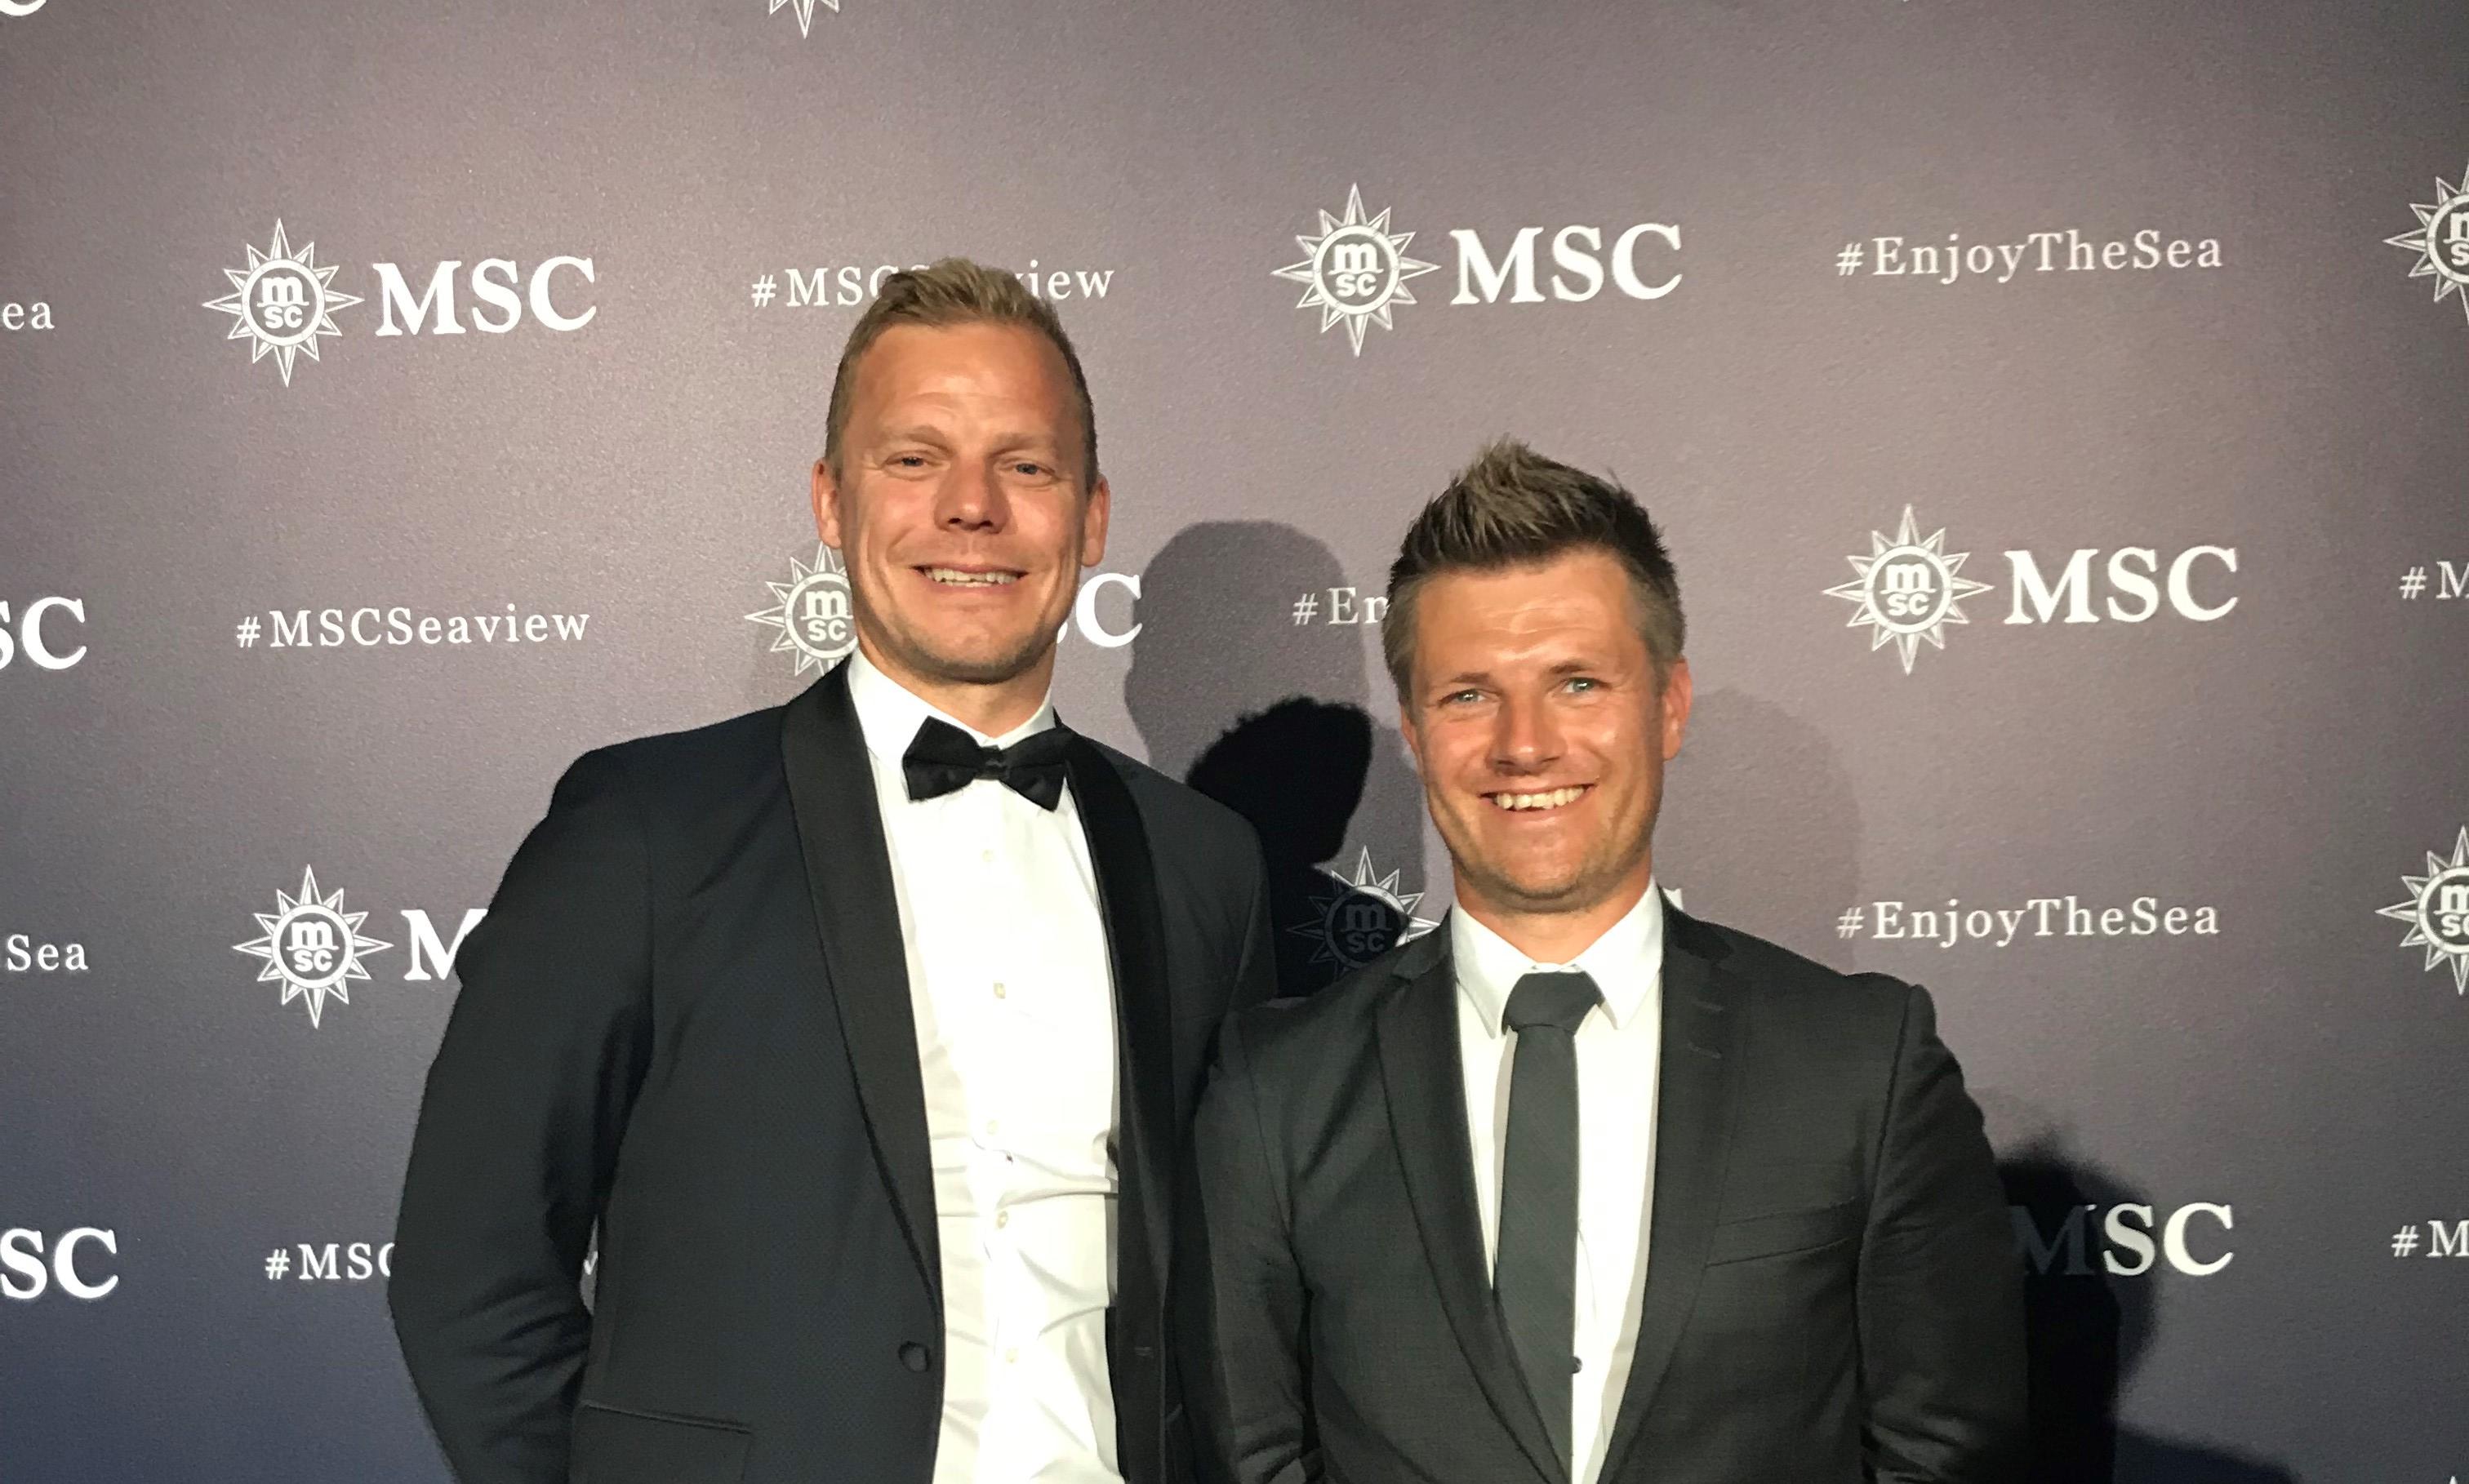 Ejerne af MyCruise er i dag salgsdirektør Nicki Olsen, til venstre, og administrerende direktør, Claus Jensen. Foto: MSC Cruises.